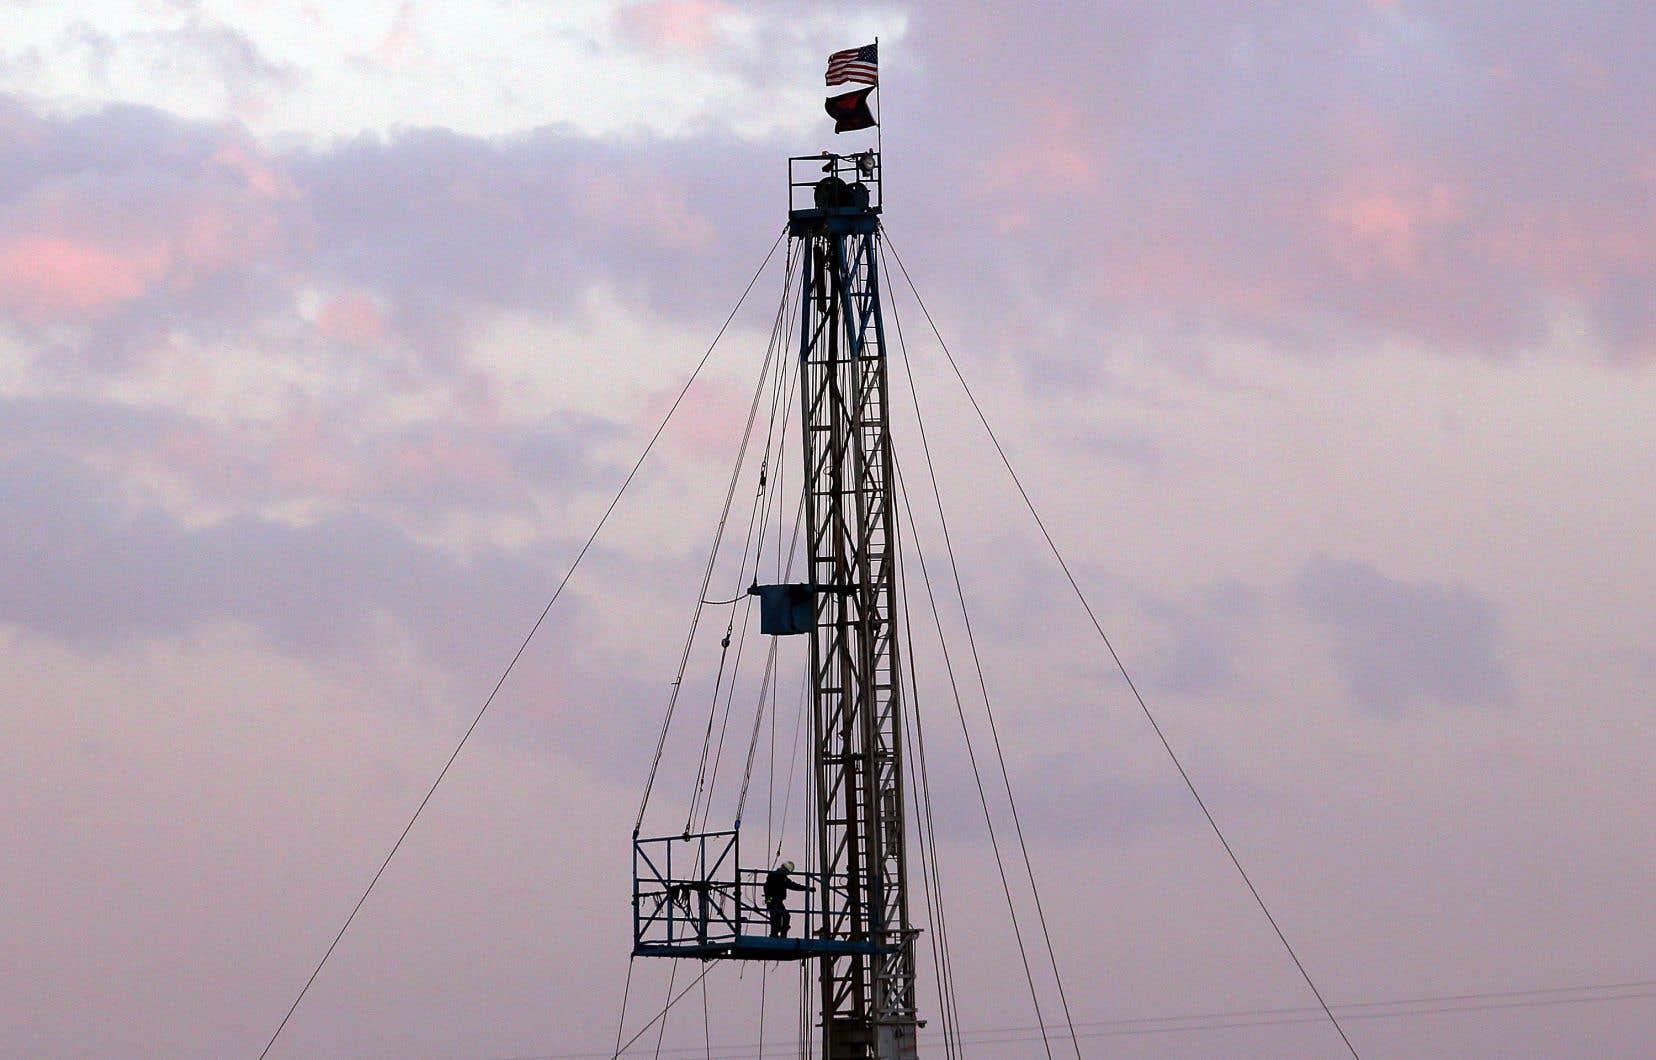 Les prévisions sur la production de gaz naturel provenant de l'Office national de l'énergie et de l'Energy Information Administration indiquent que le gaz de schiste et celui des réservoirs étanches continueront d'augmenter au cours des prochaines années.